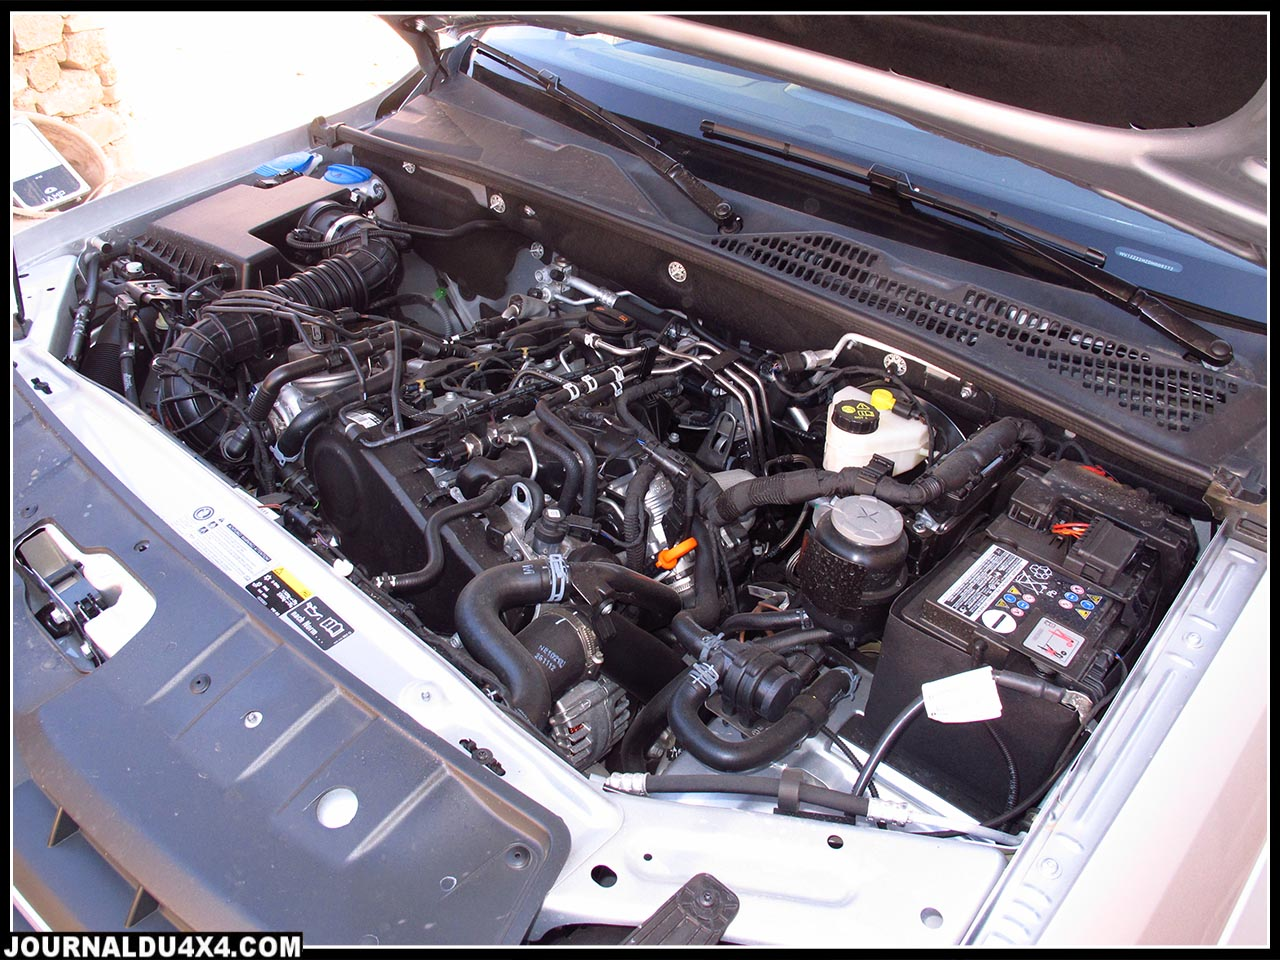 motorisation 180 ch. associée à une Boite Auto  disposant également d'un mode semi-séquentiel